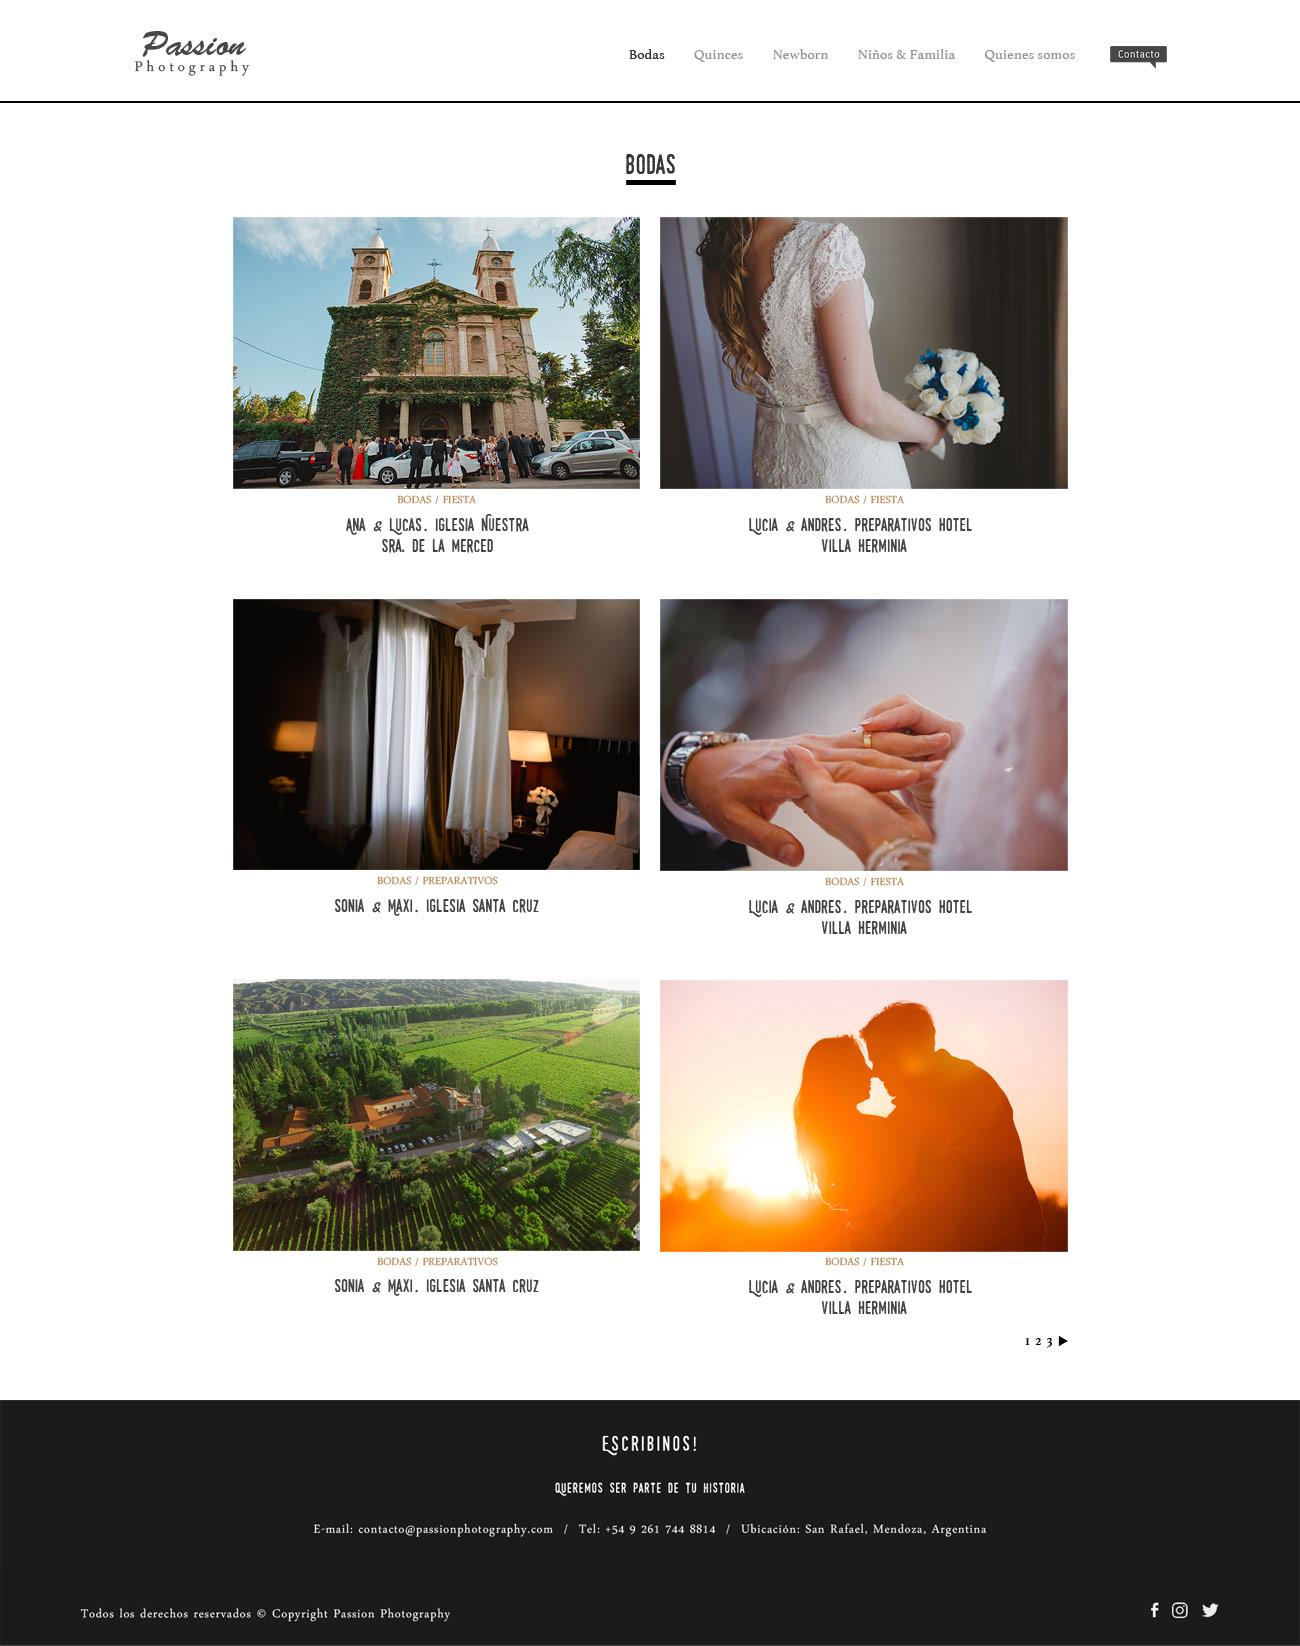 Galería de publicaciones de fotos de boda en web de fotografía diseñado y desarrollado por La Vuelta Web